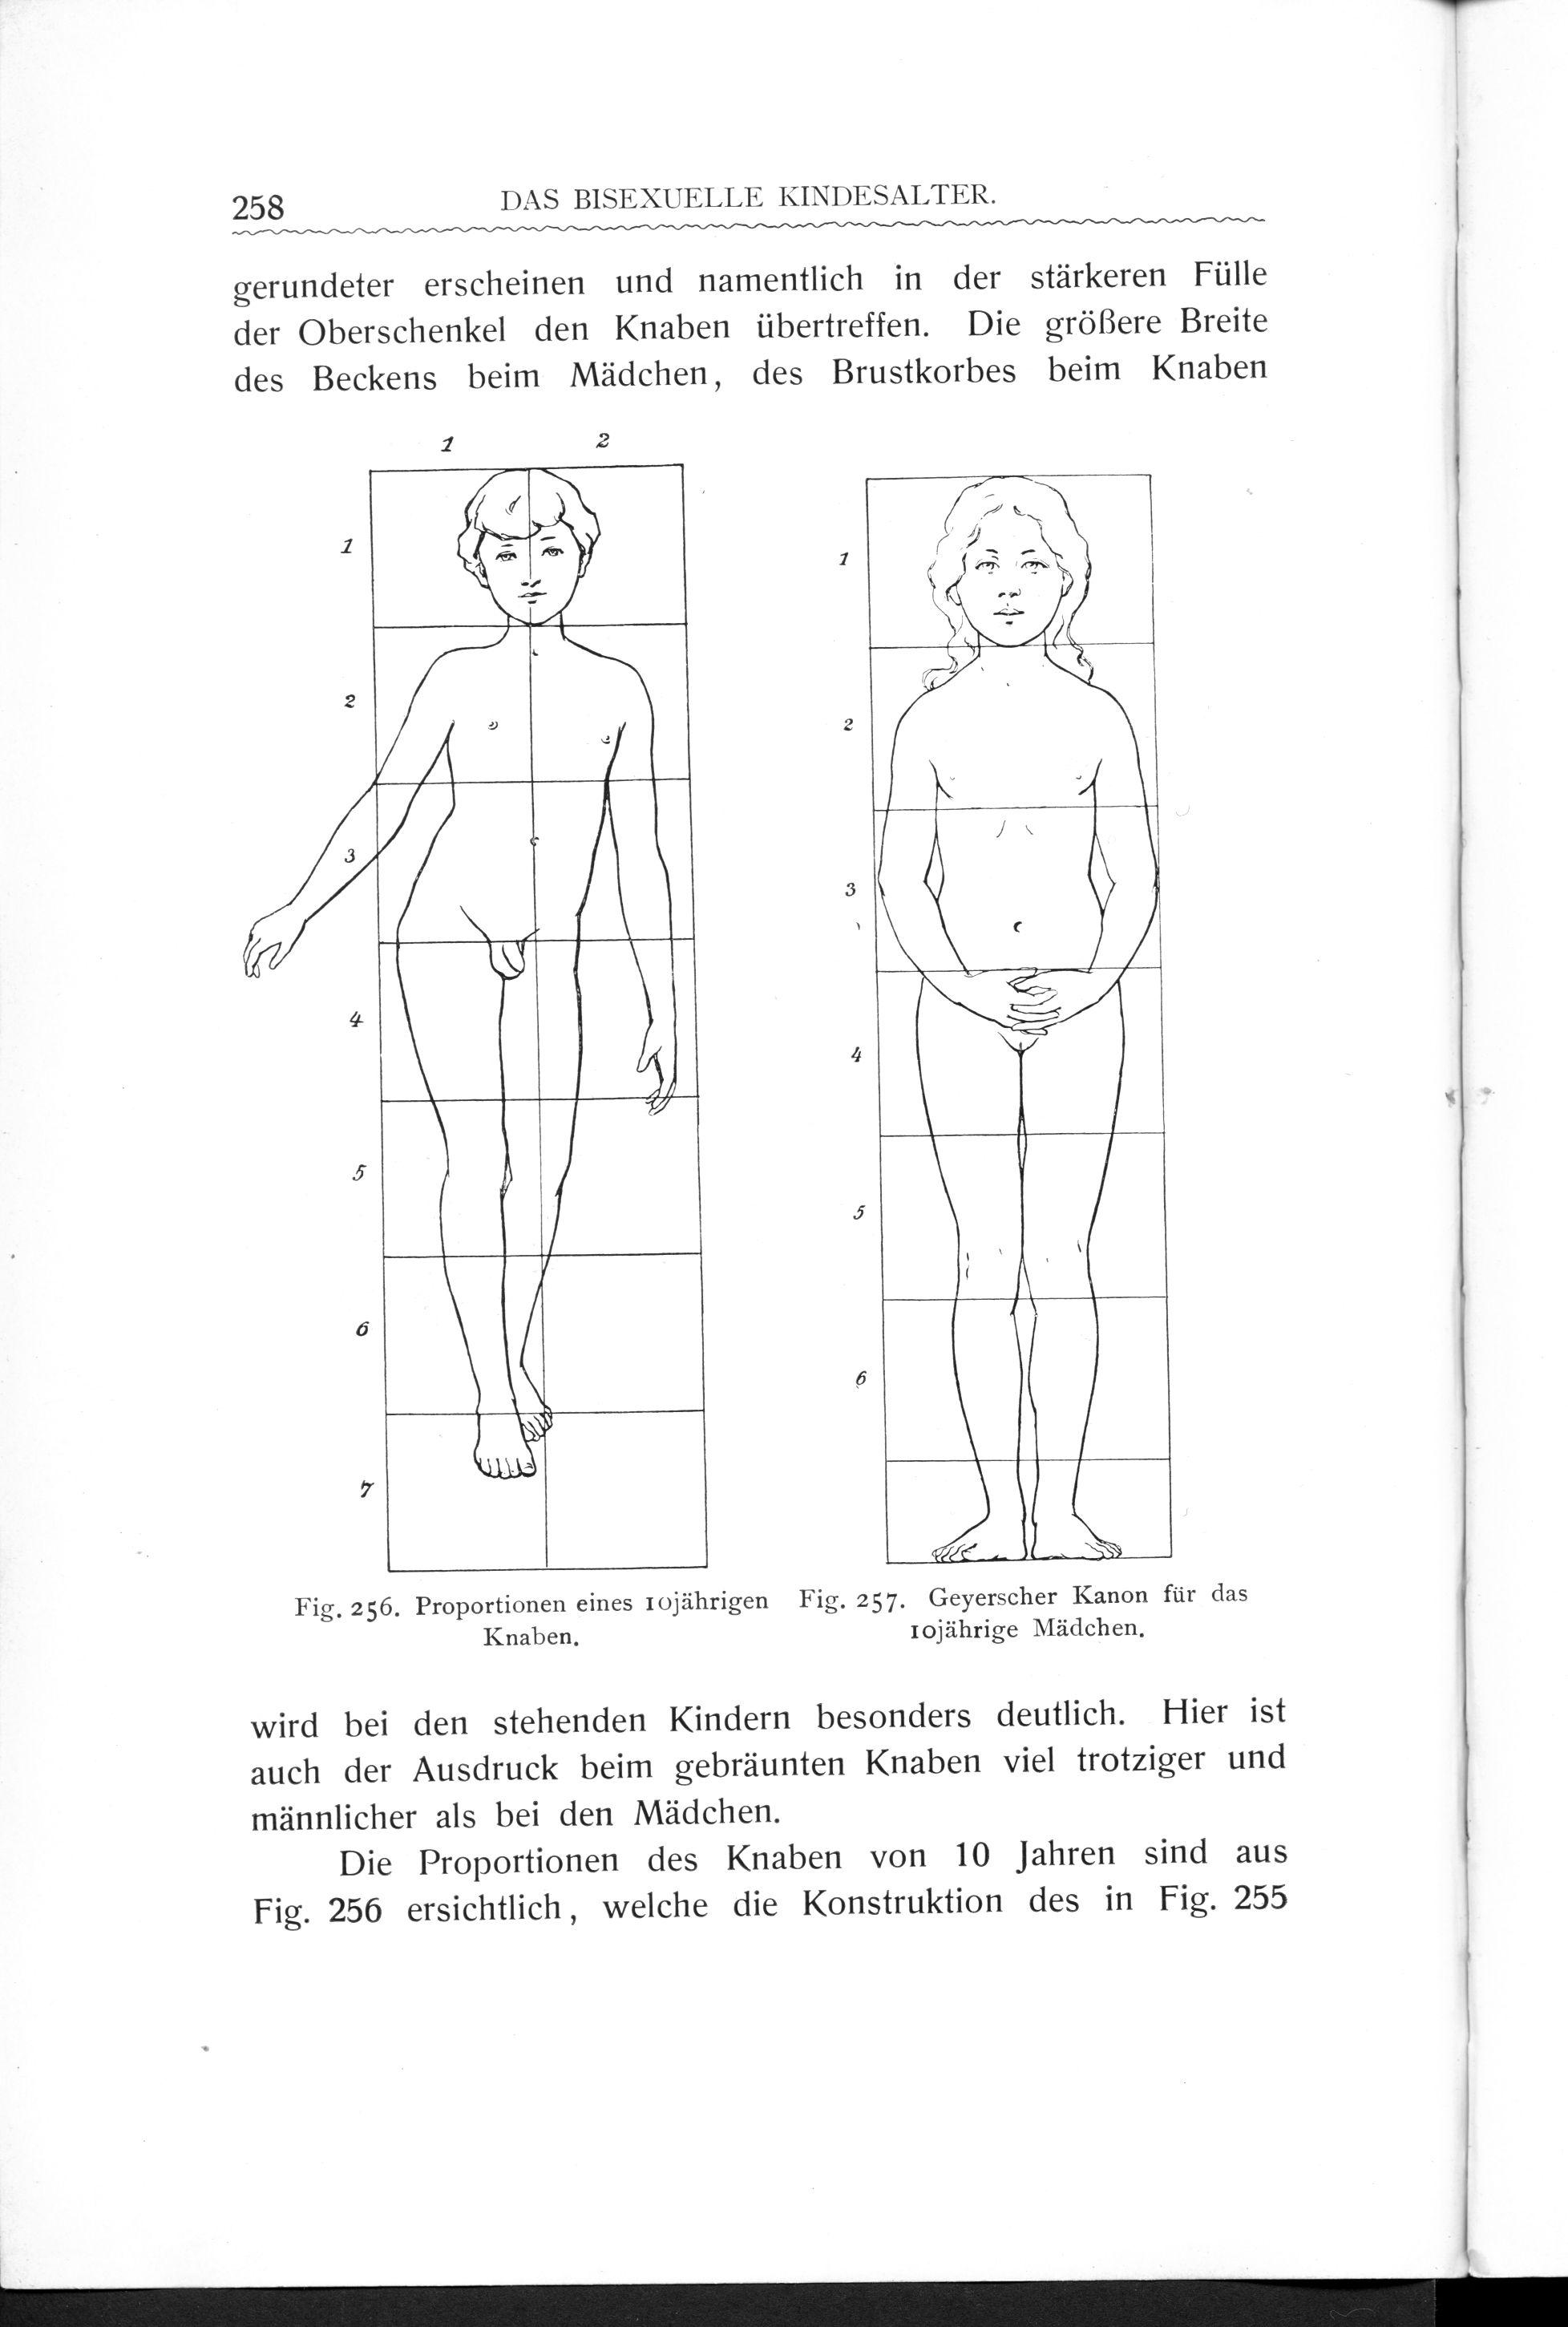 File:Stratz Körper des Kindes 3 258.jpg - Wikimedia Commons